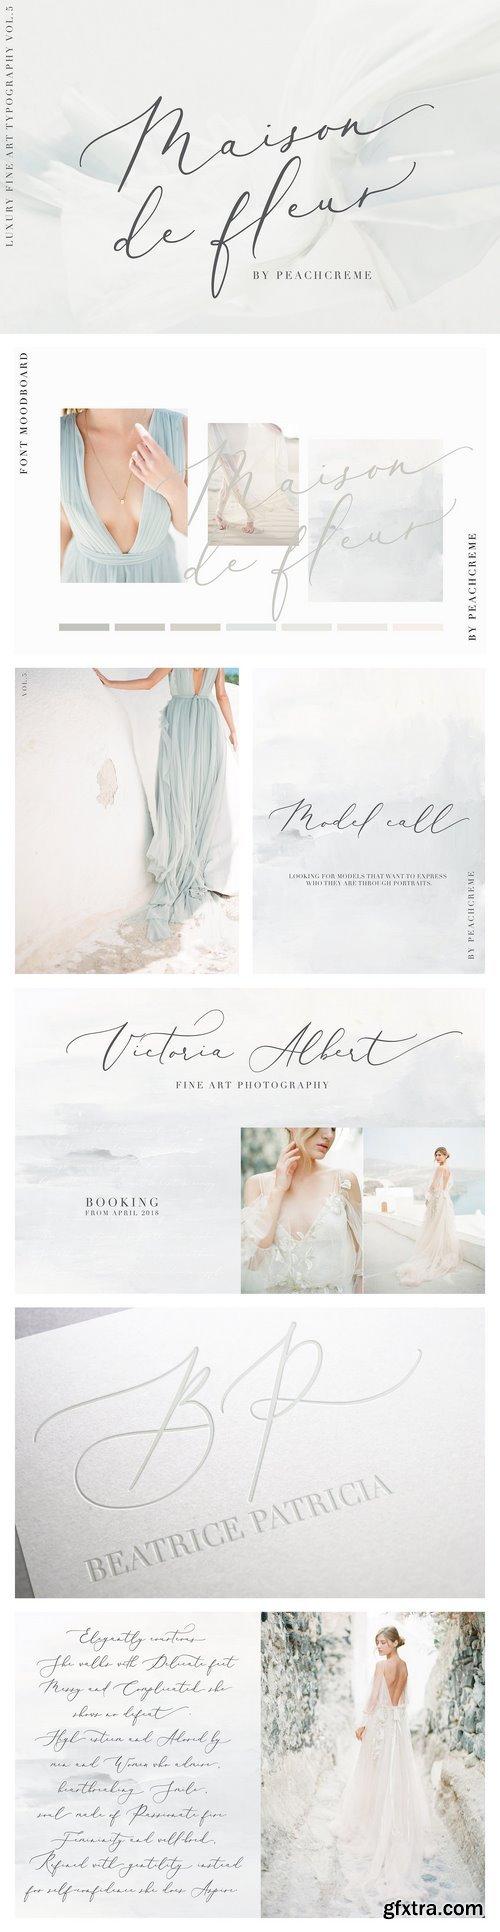 CM - Maison de fleur_Luxury Script Font 2092082